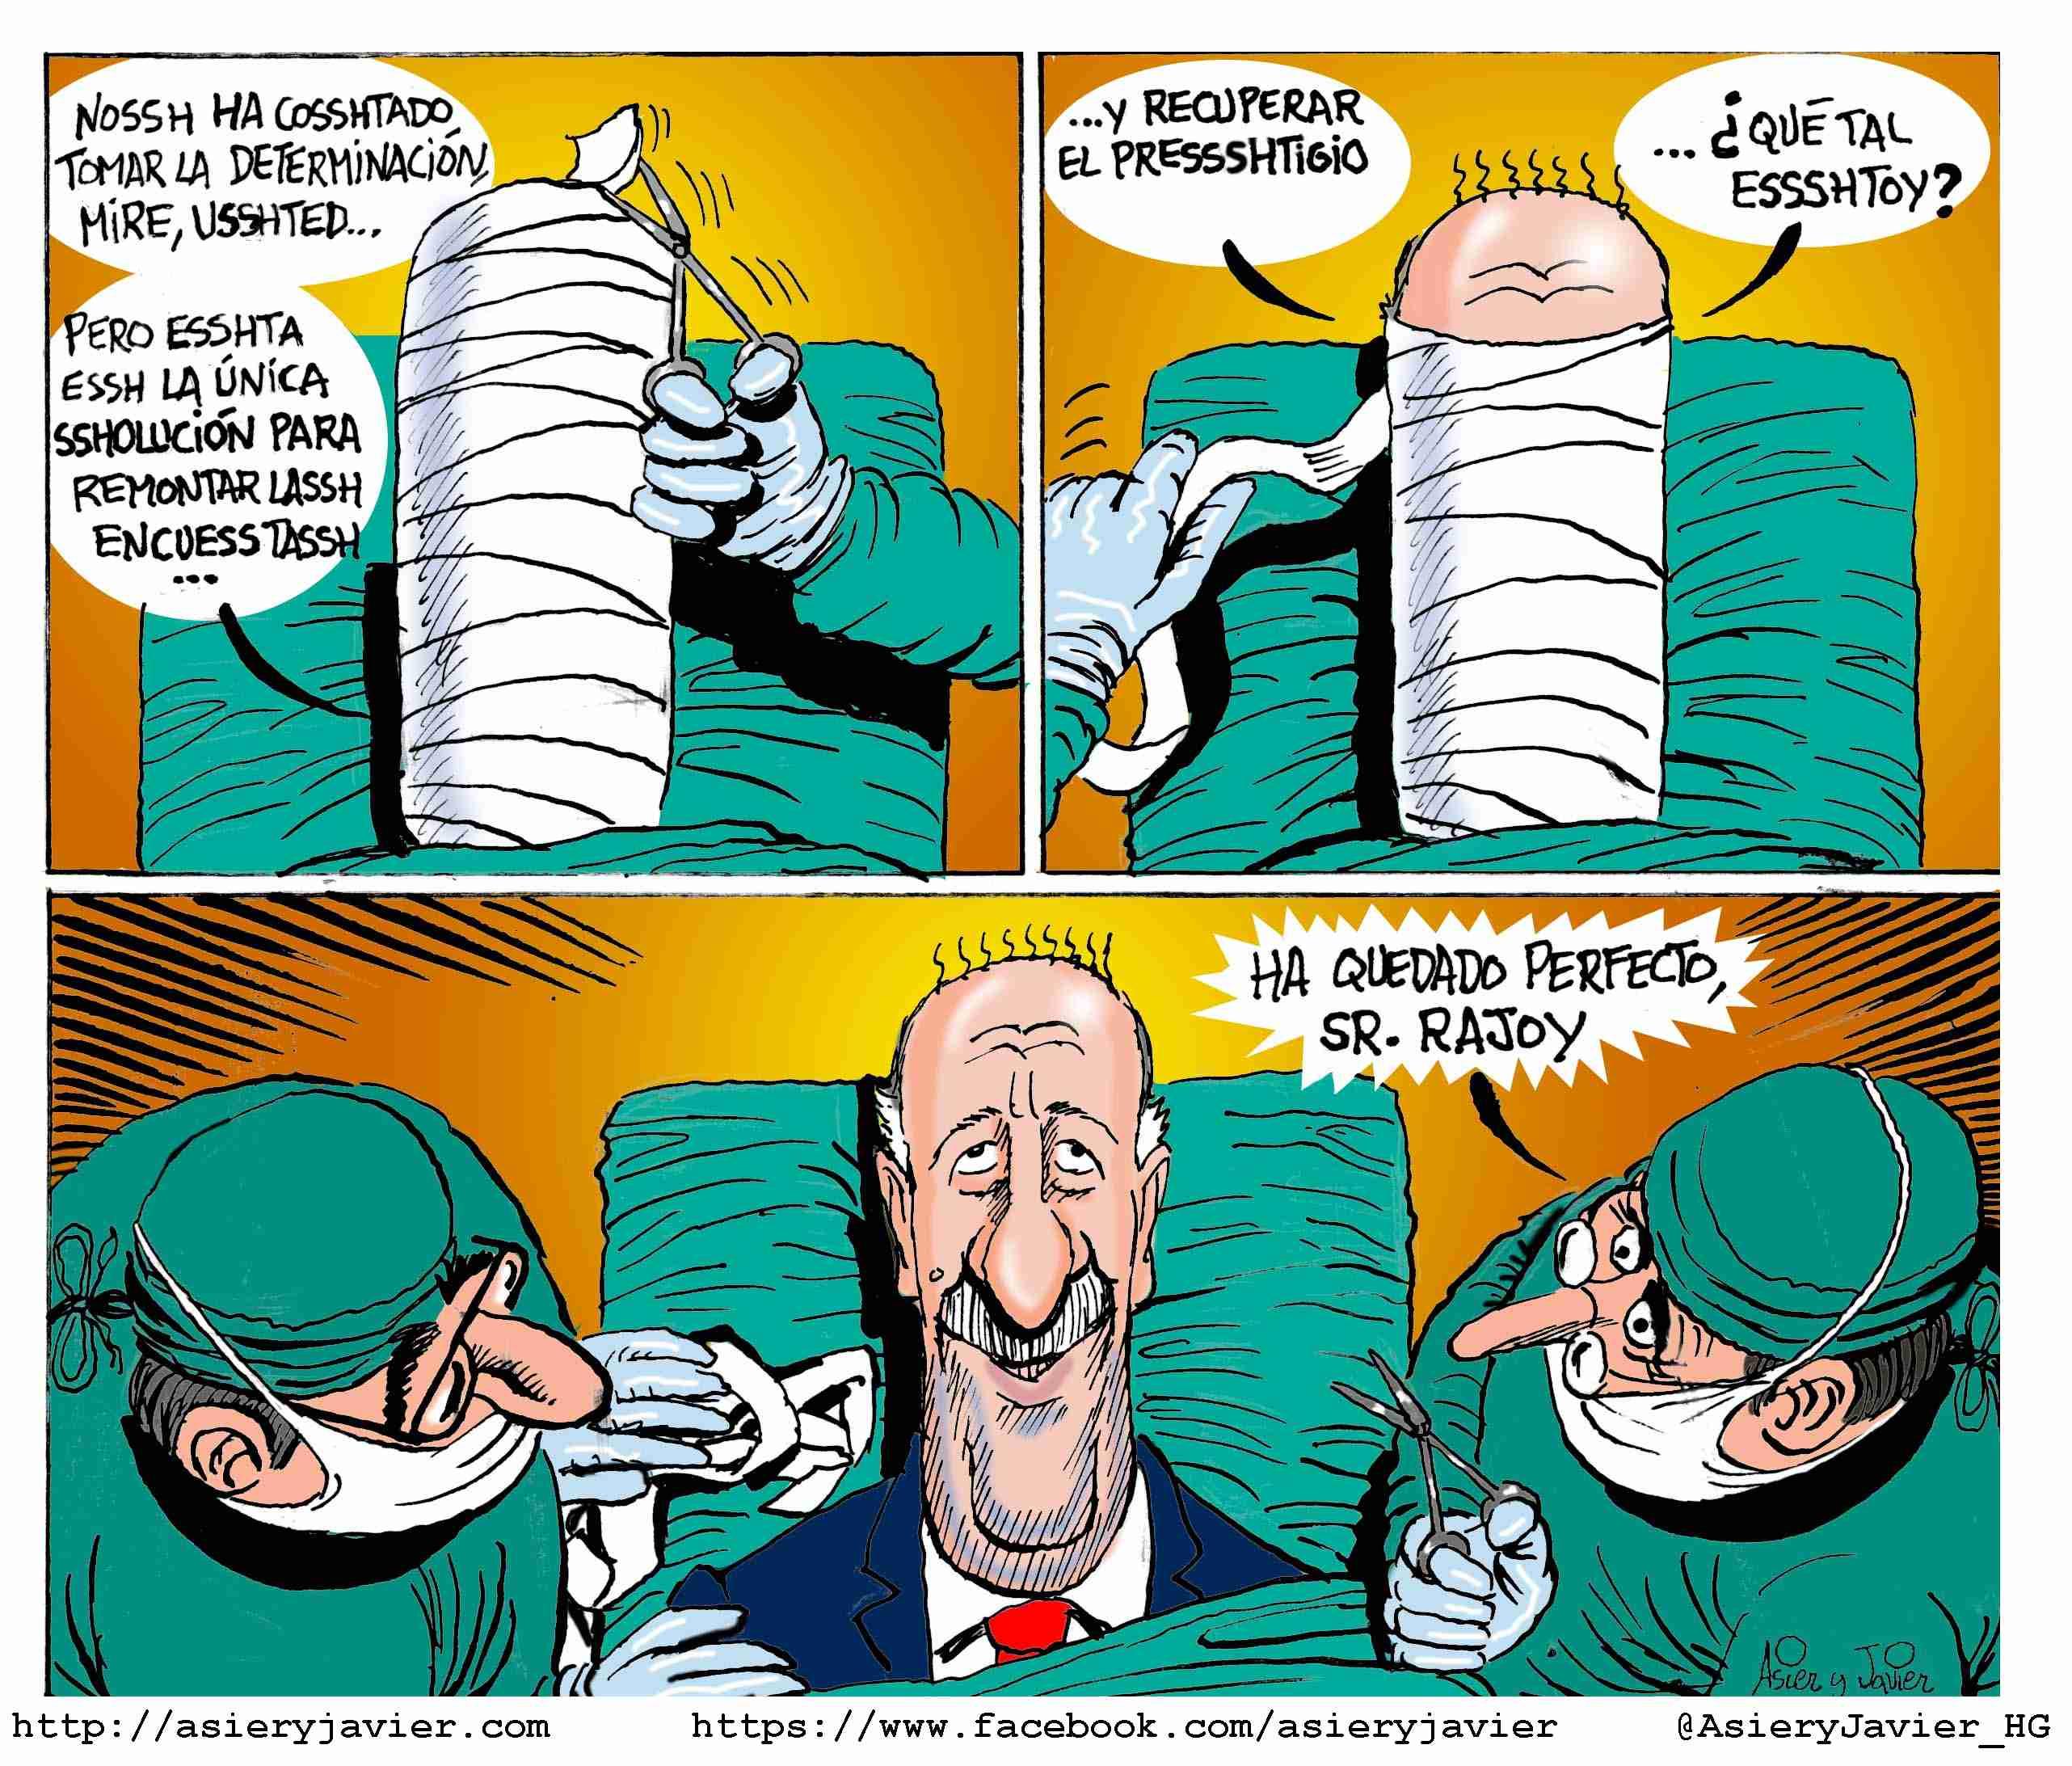 Rajoy confía en la andadura de la selección española de fútbol en el Mundial de Fútbol de Brasil dirigida por Vicente del Bosque. Caricatura, viñeta.